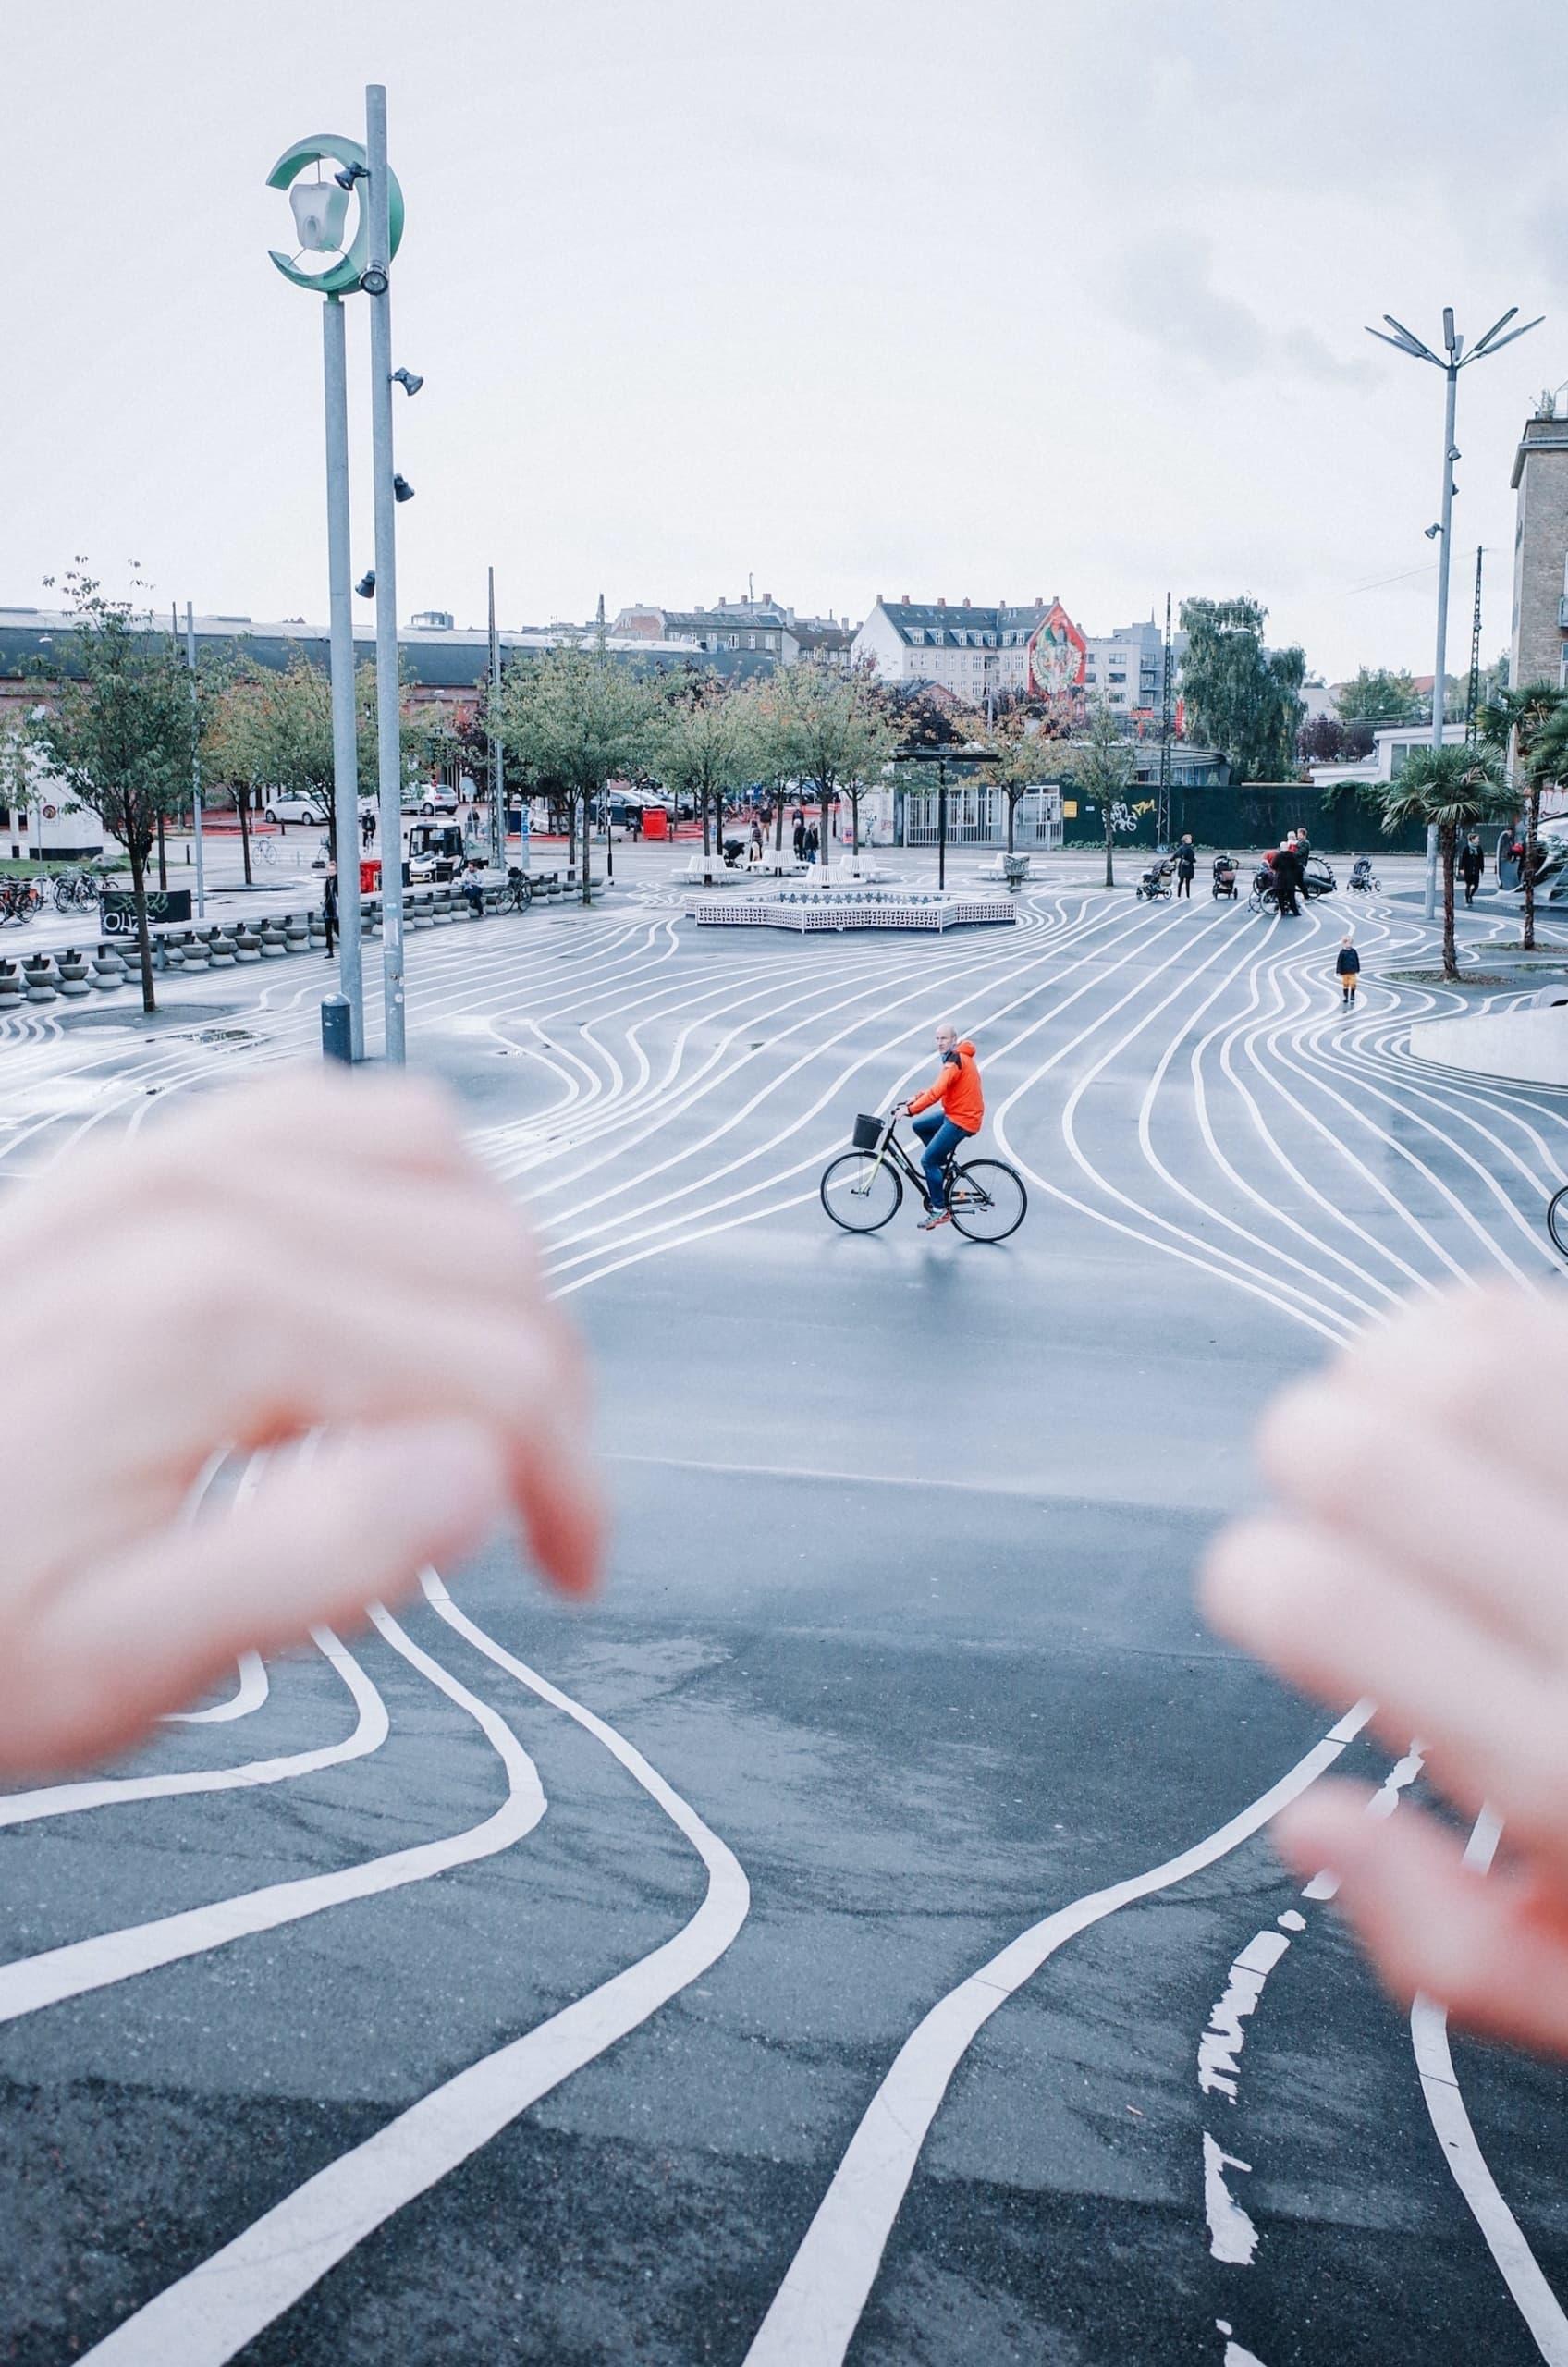 Fahrradfahren in Kopenhagen, einer der nachhaltigsten Städte in Europa